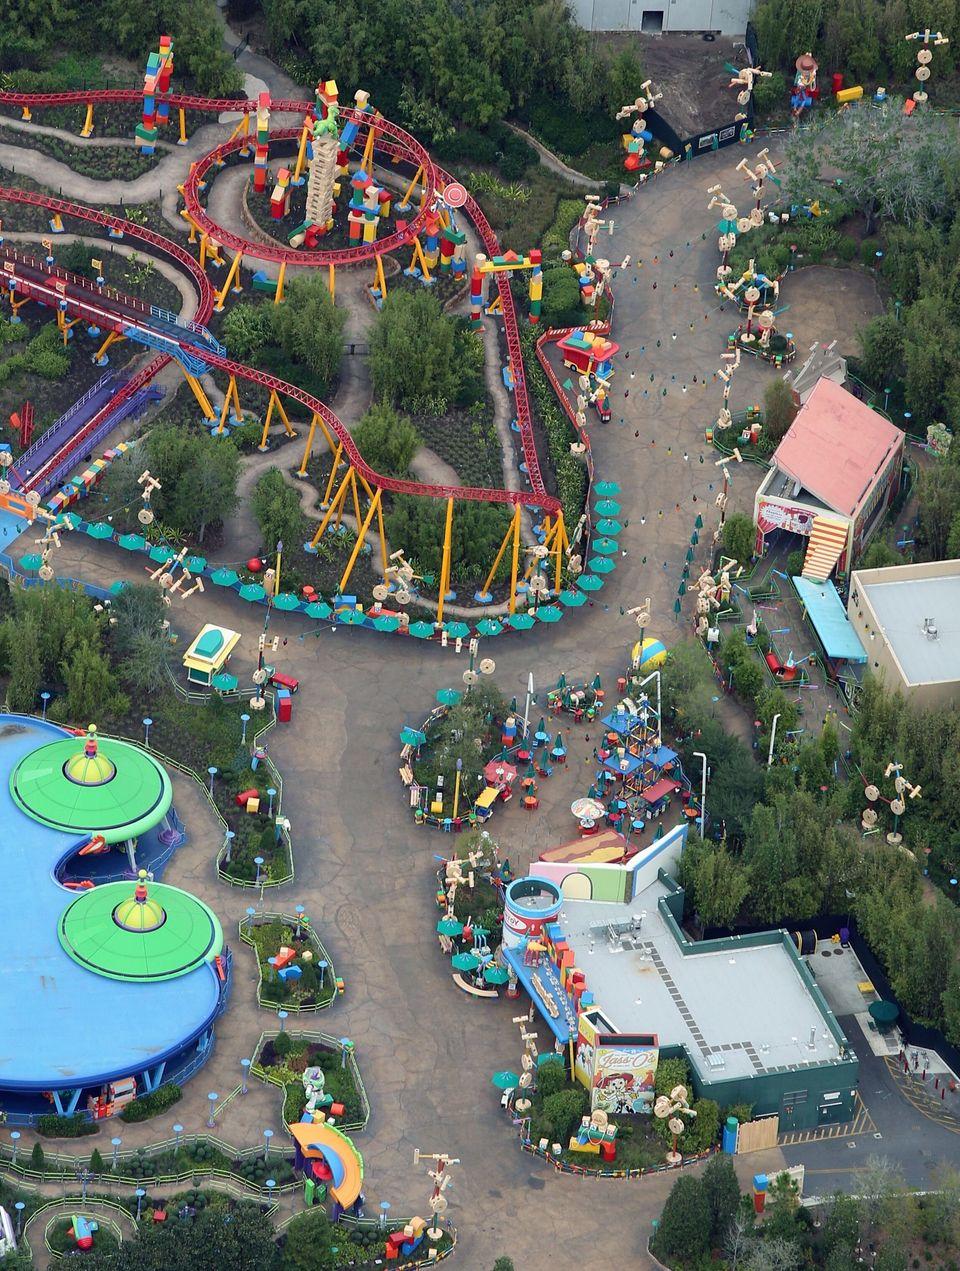 Άδειοι δρόμοι στο πάρκο «Toy Story», που βρίσκεται στοDisney's Hollywood Studios.